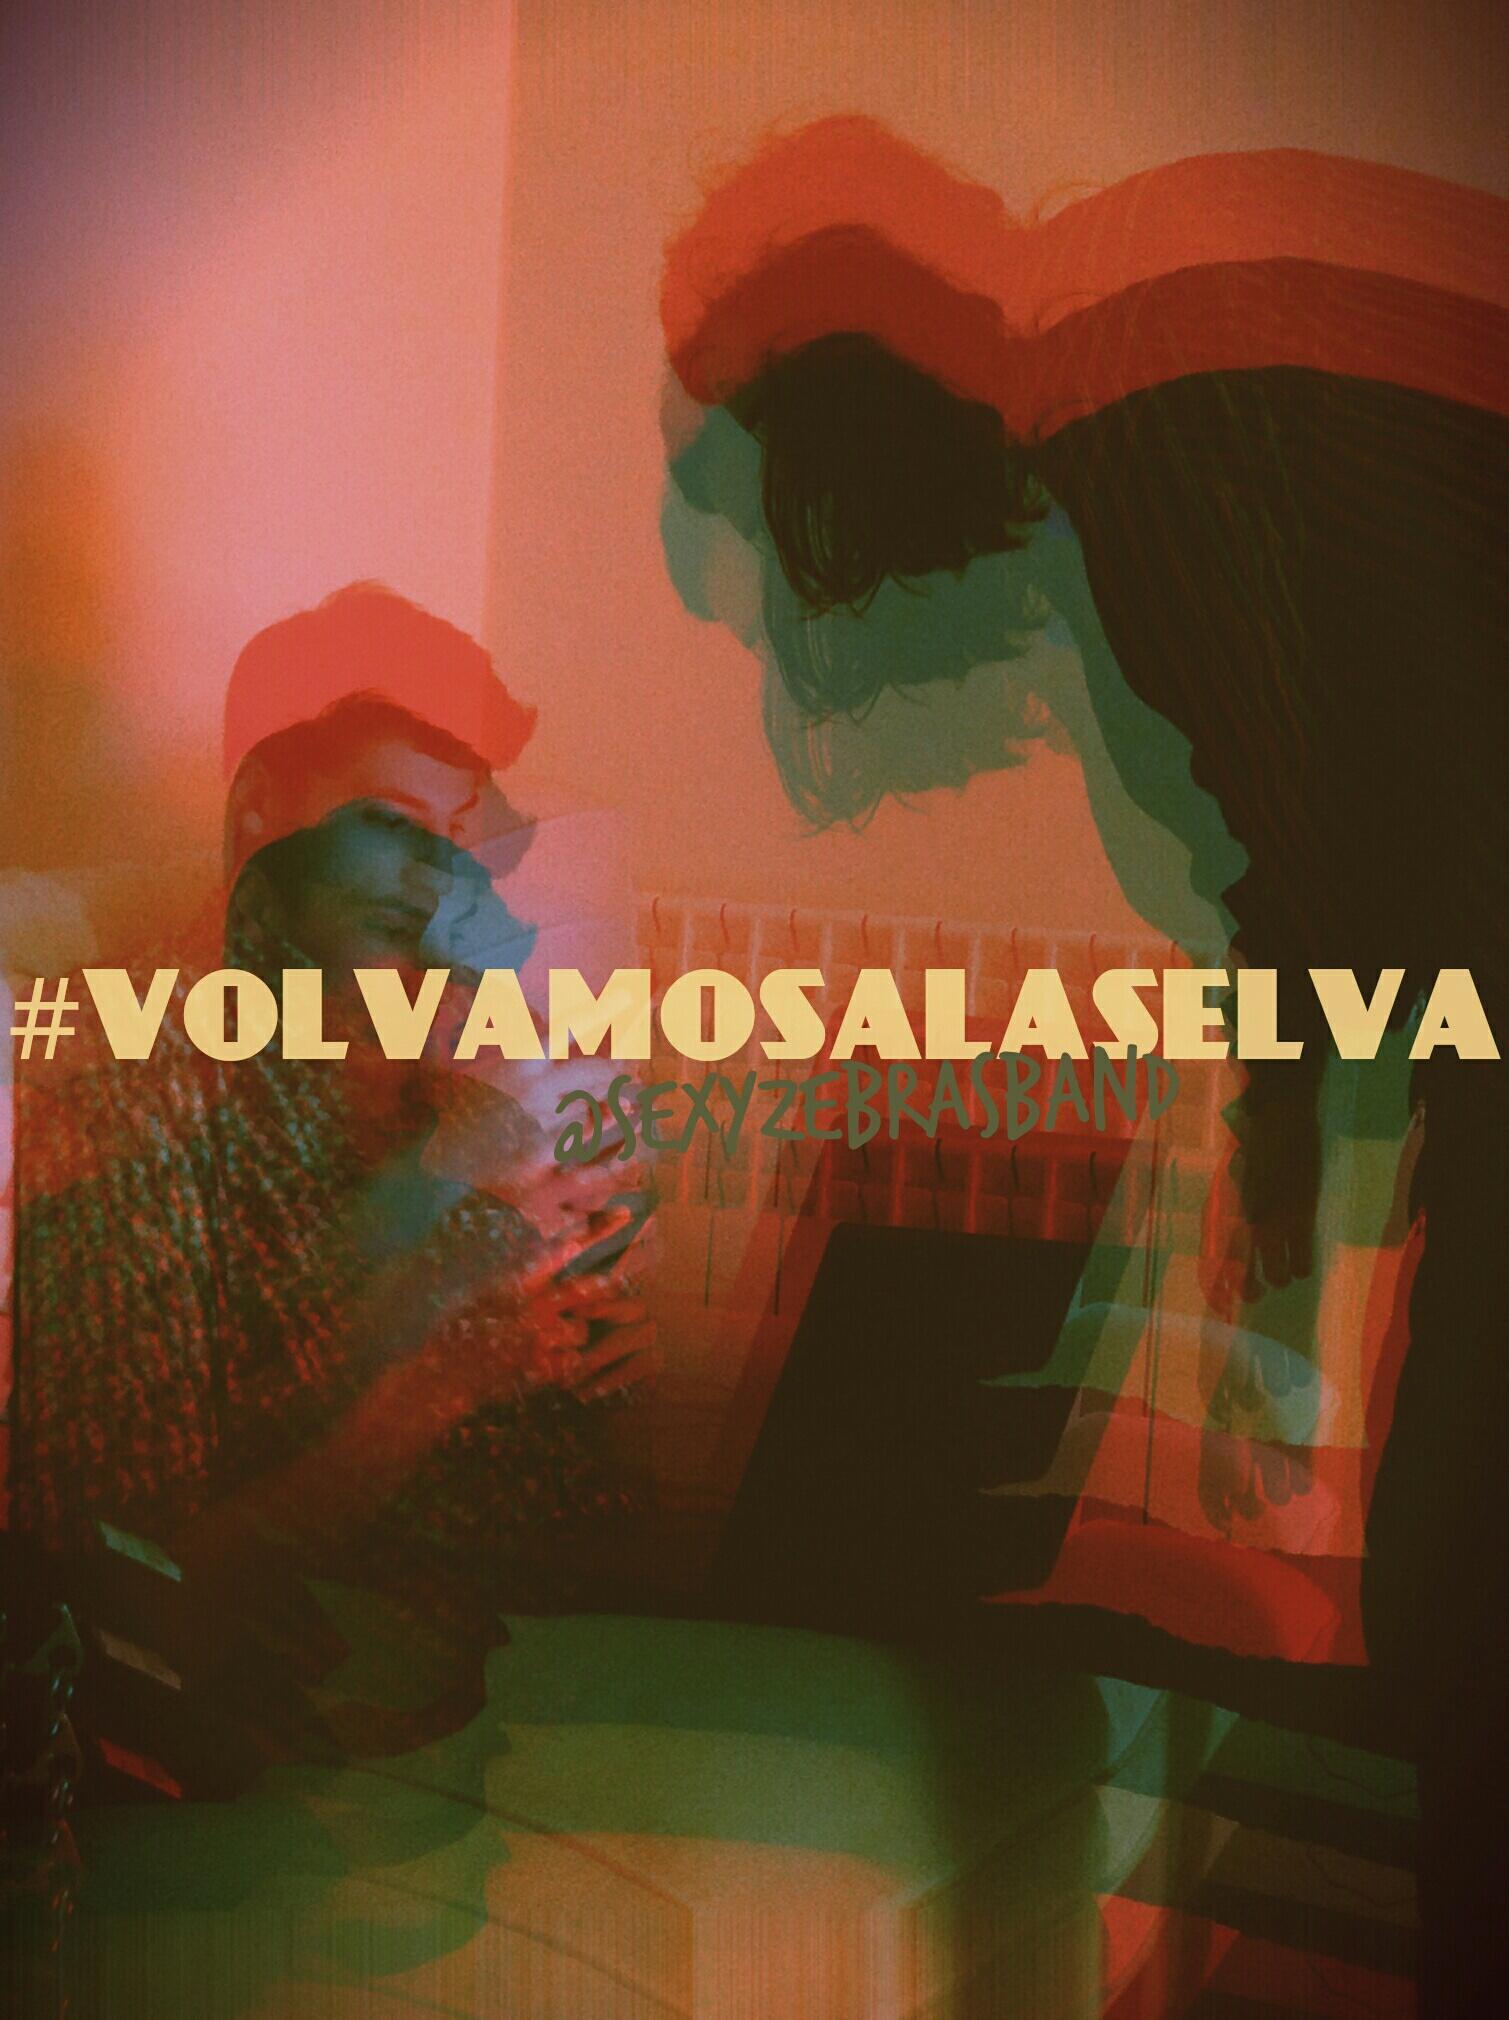 Volviendonos locos con el lanzamiento #VOLVAMOSALASELVA http://t.co/6HYxAy51Th